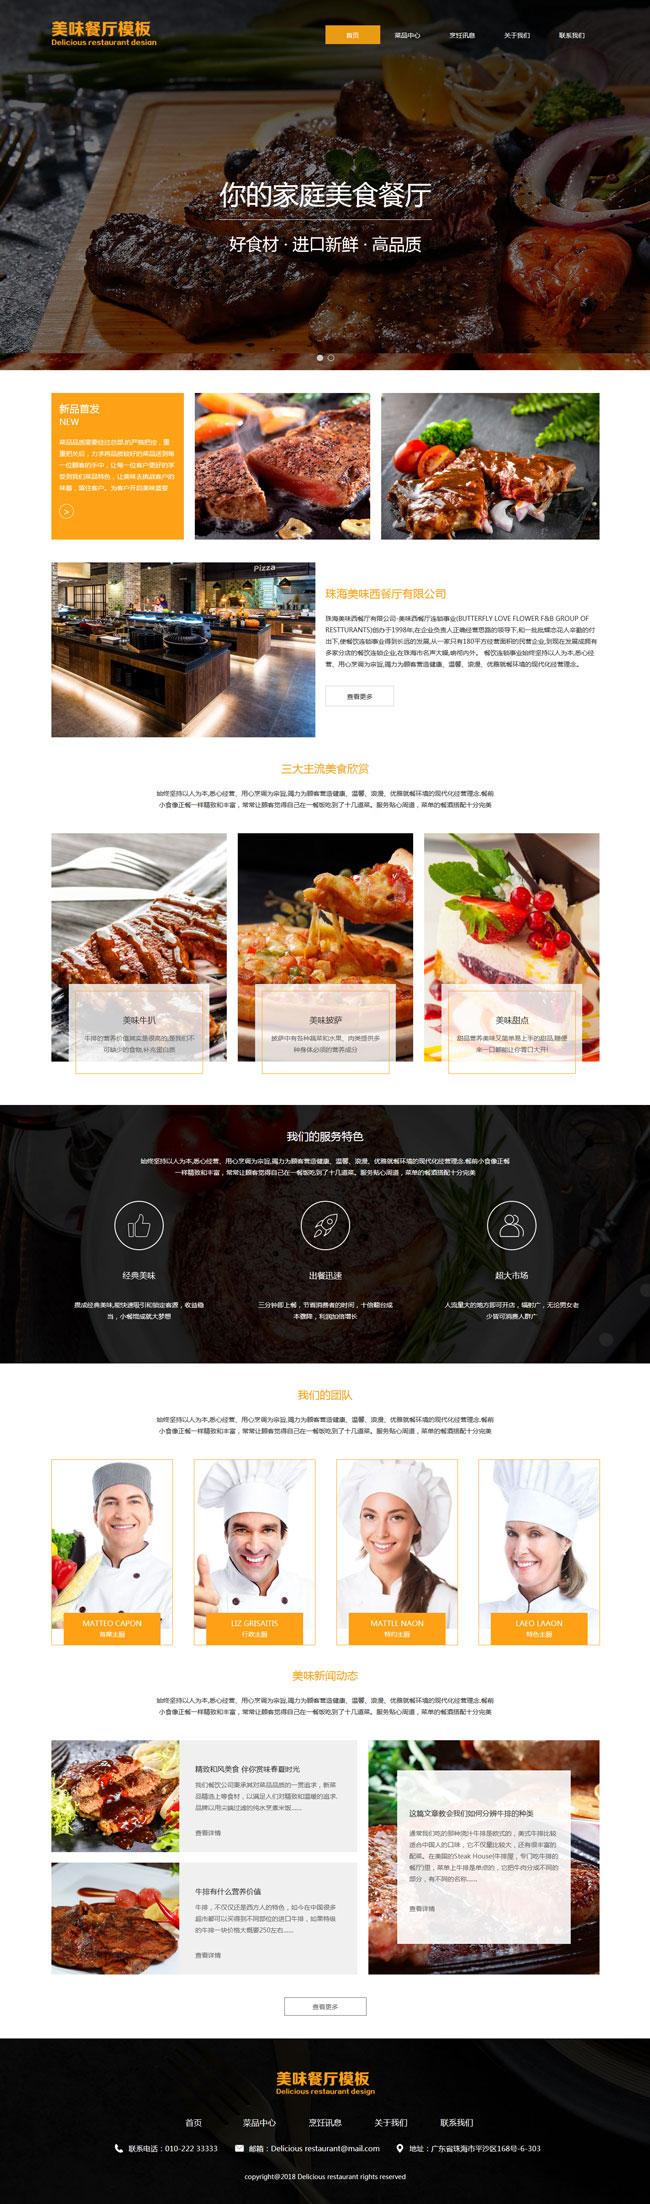 美味餐厅展示模板